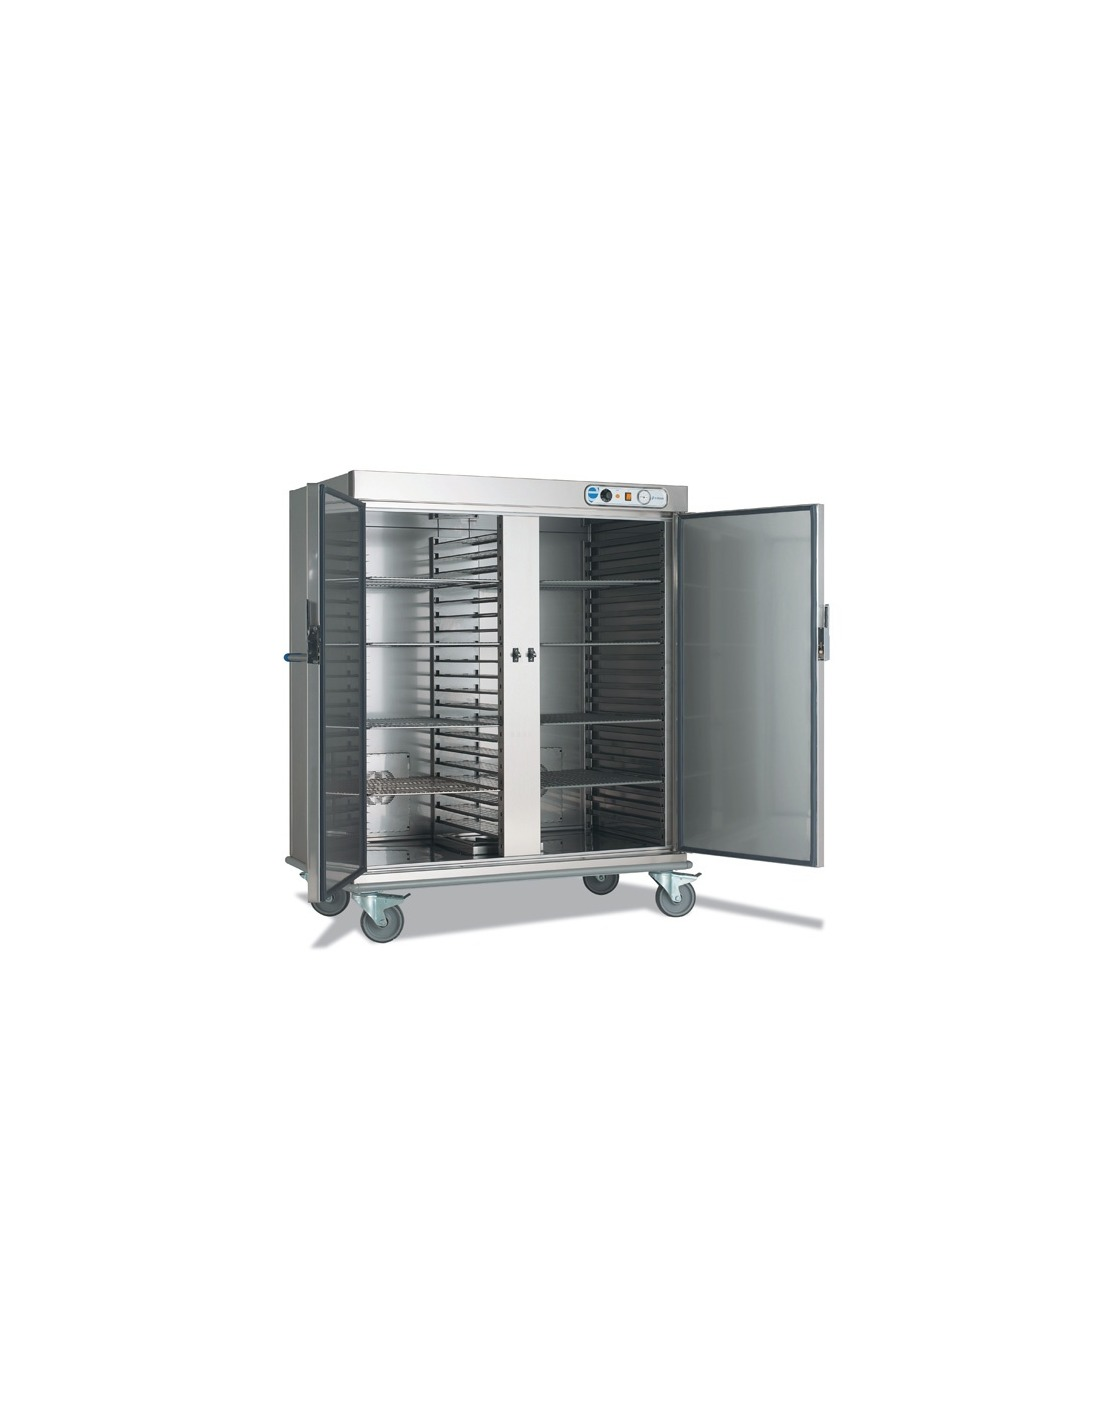 Carro caliente 2 puertas for Puertas para cocinas industriales